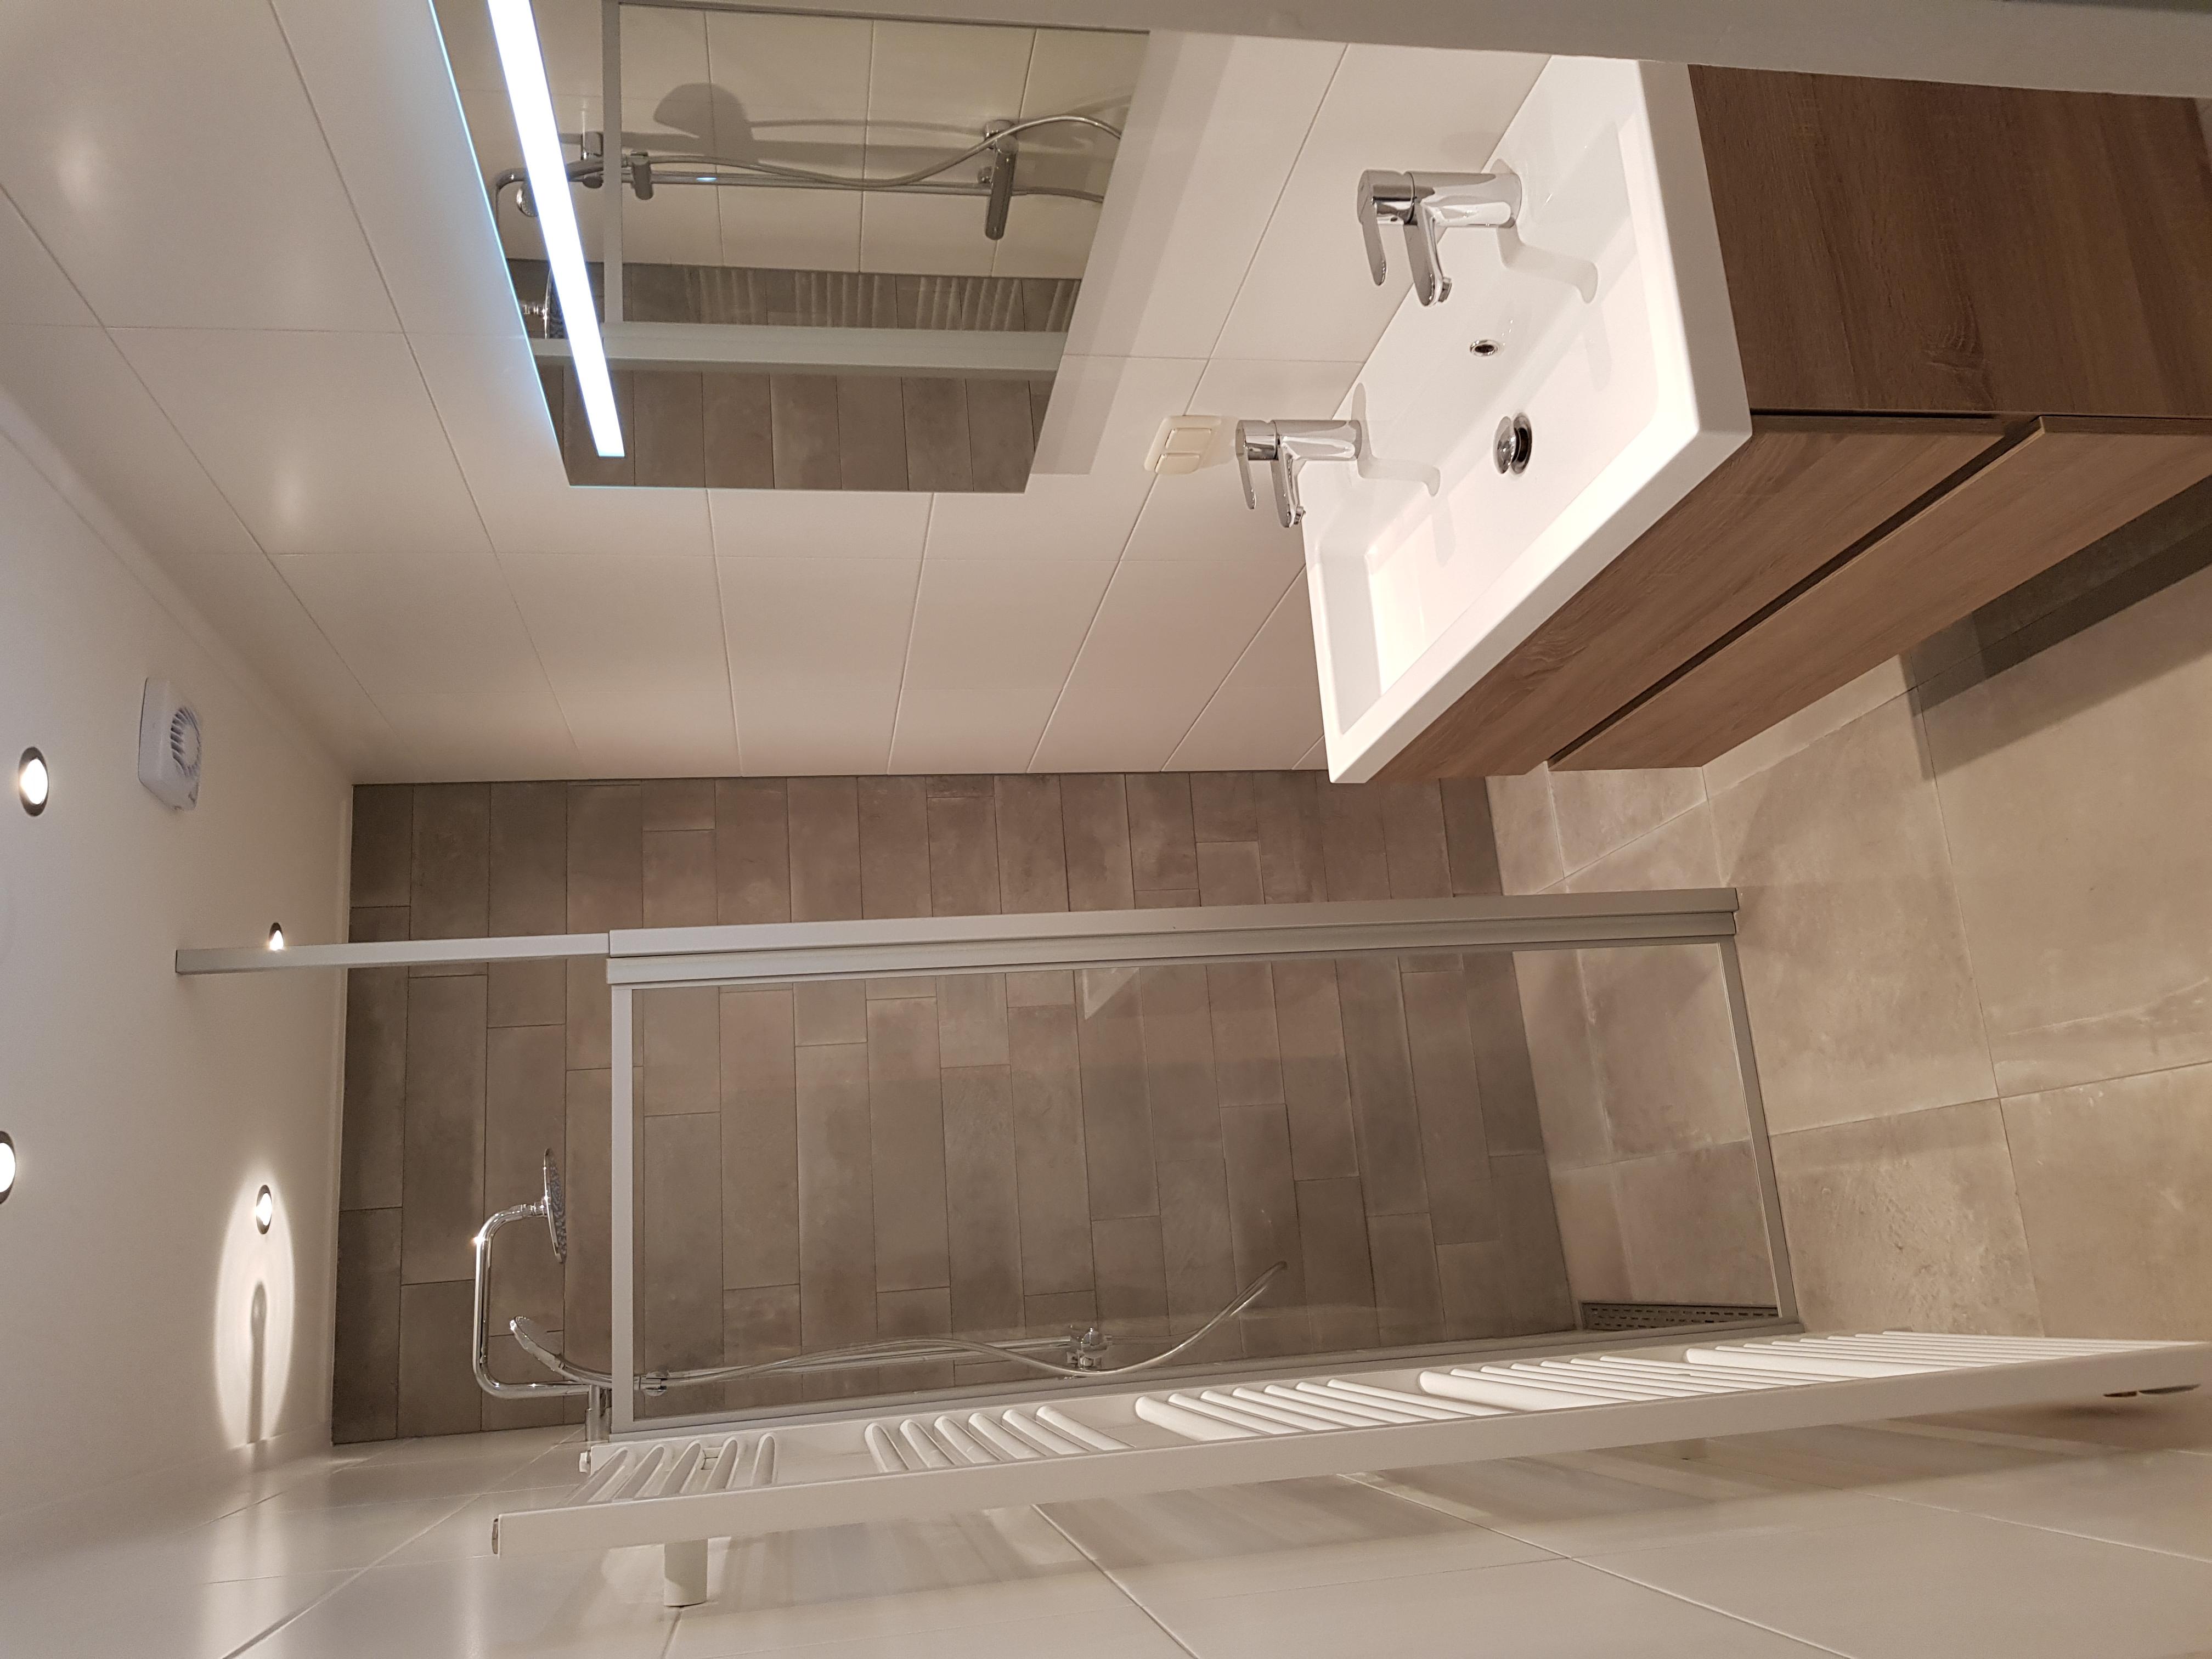 Verbouw badkamer Drachten – Hofstee Bouw – Nieuwbouw, verbouw ...